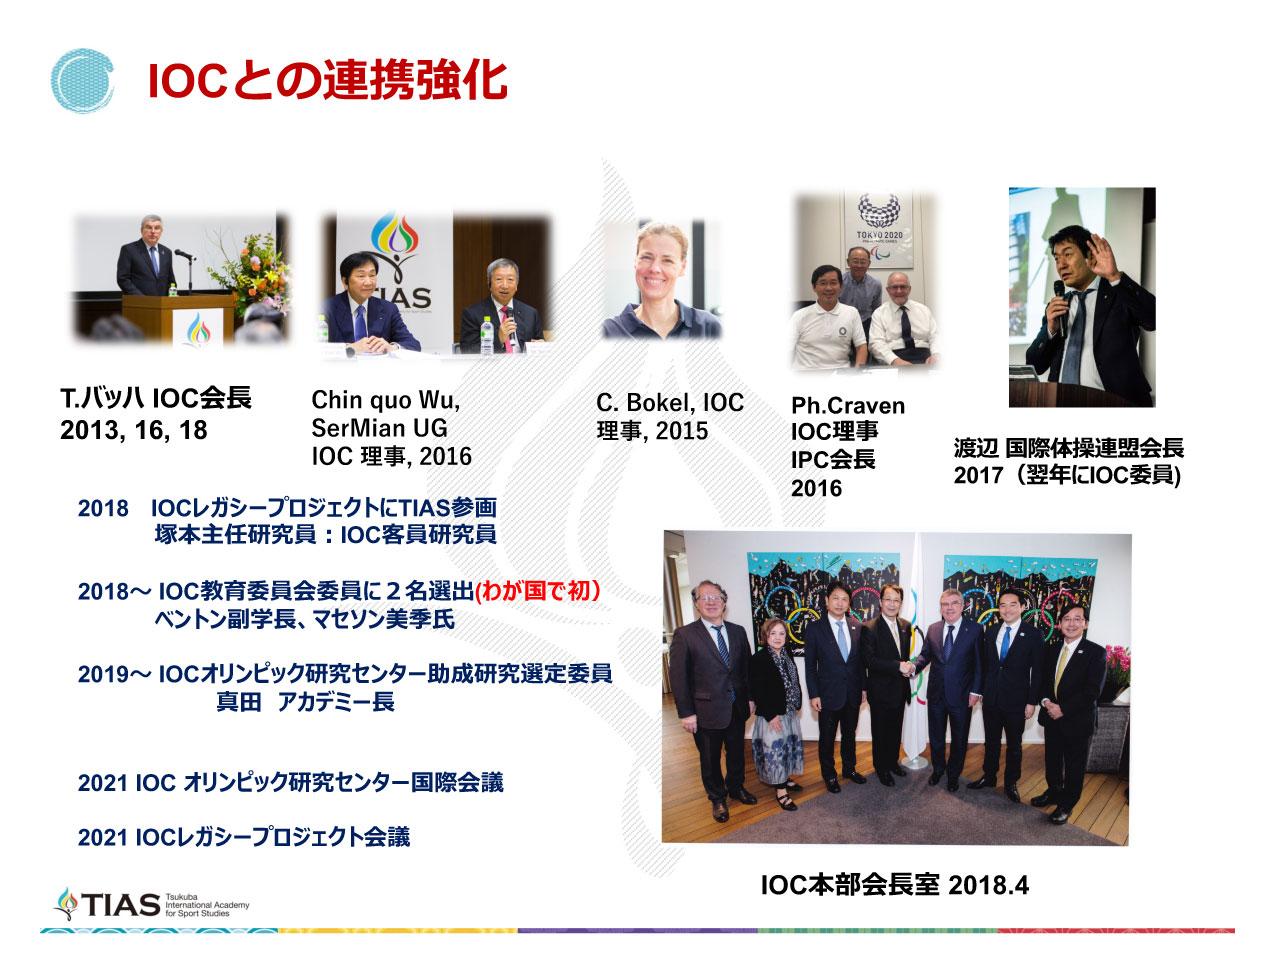 IOCとの連携強化